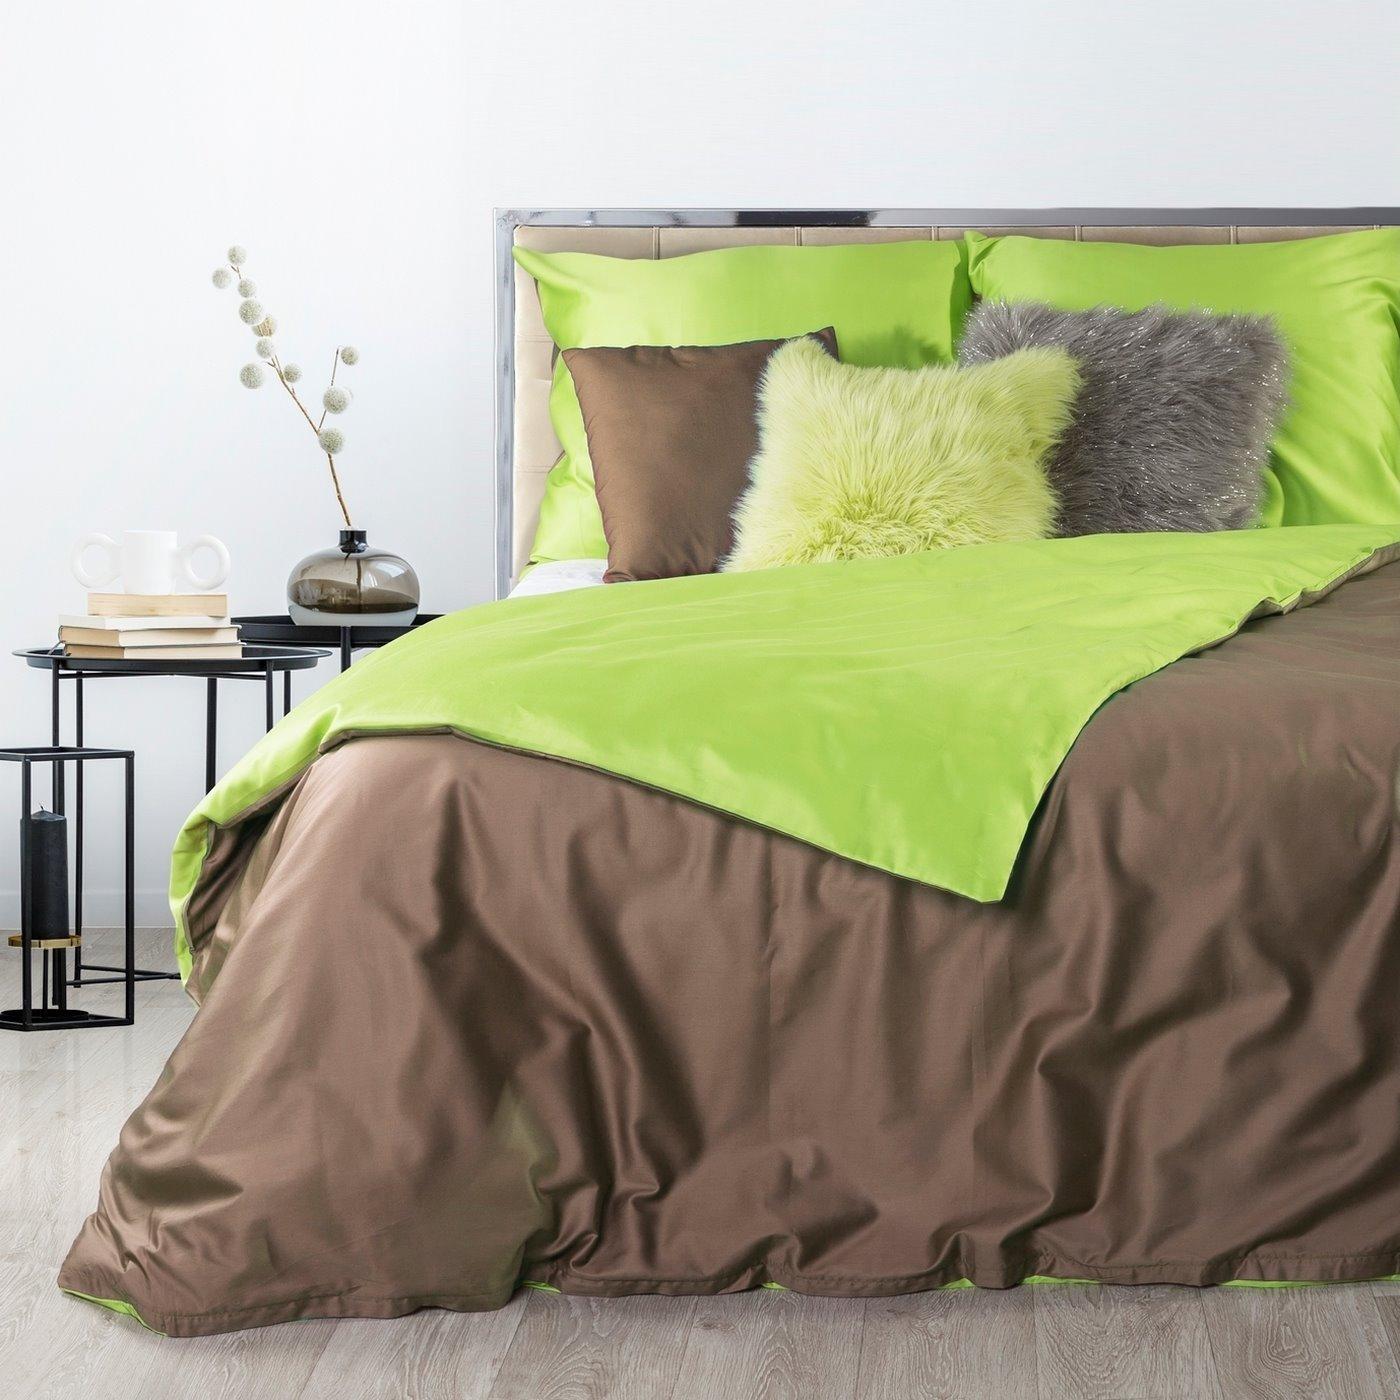 Komplet pościel z makosatyny 160 x 200 cm, 2 szt. 70 x 80 cm dwustronny brązowo-zielony